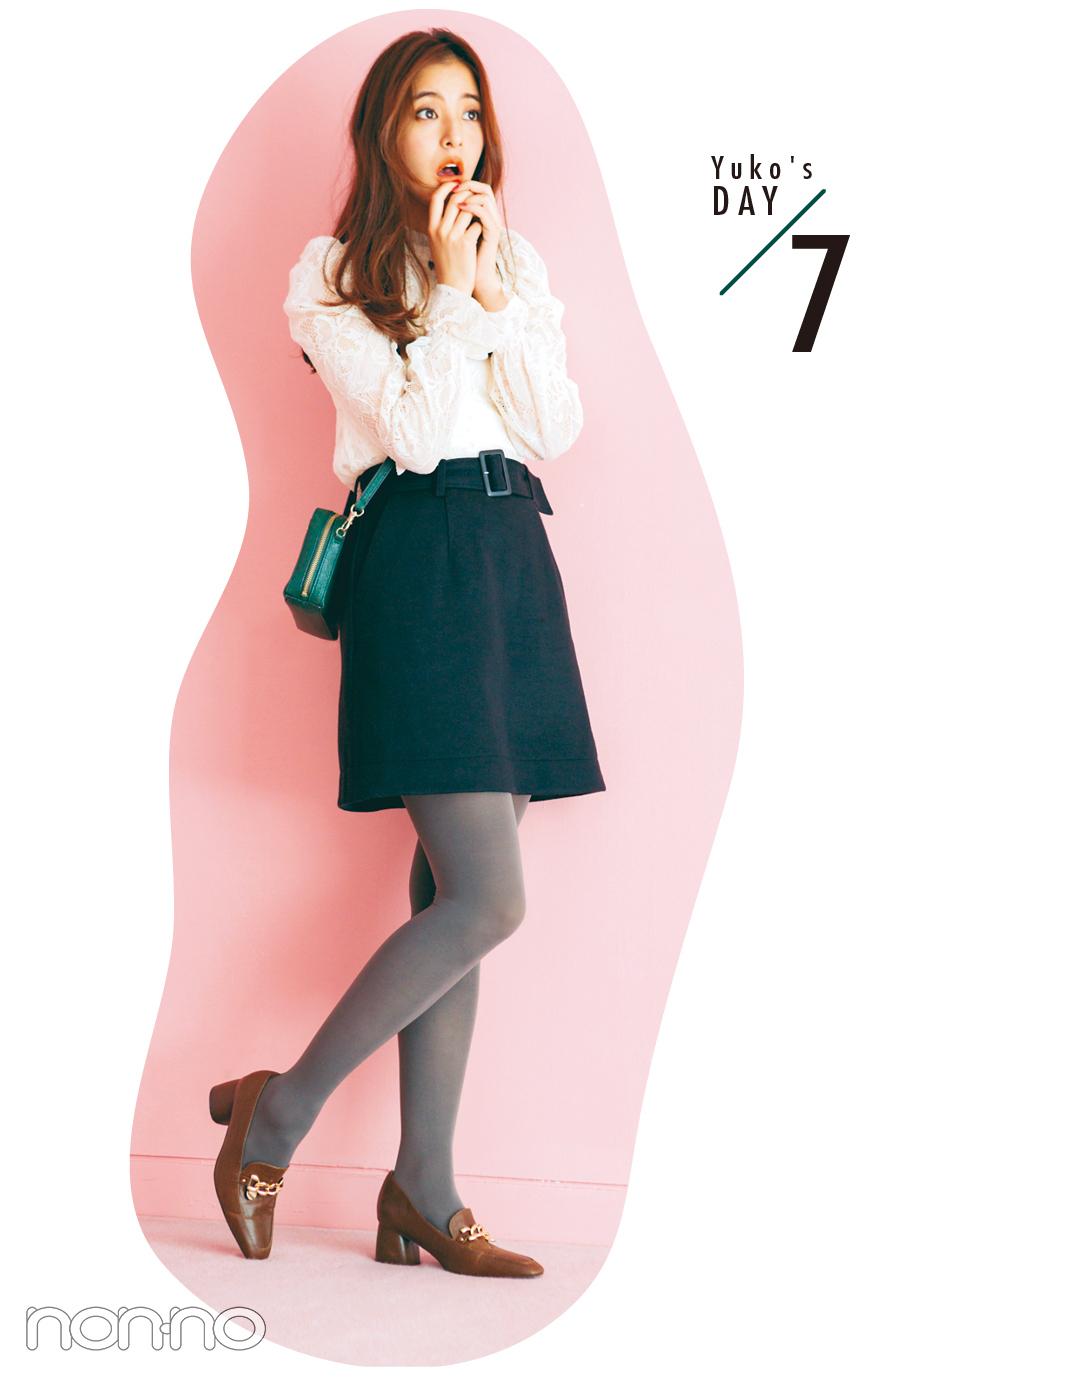 Yuko's DAY7